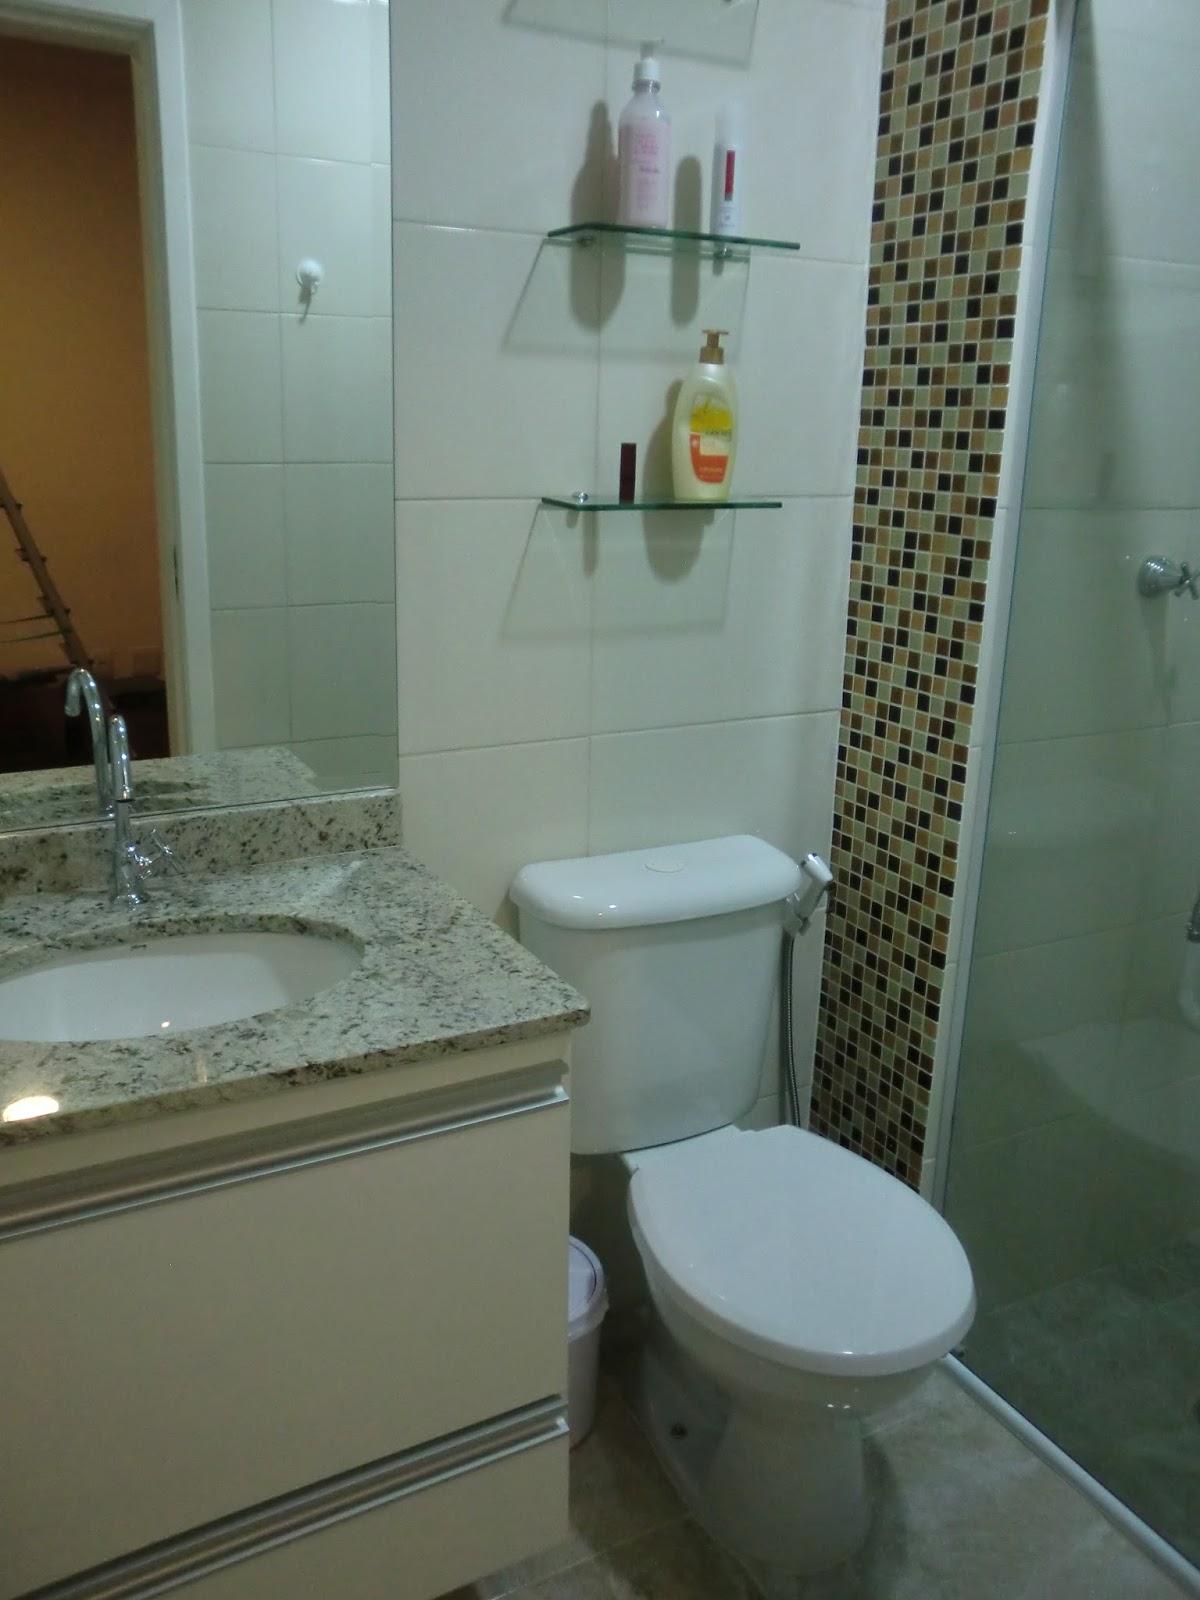 Casa e Reforma Visita  Apartamento novo dos nossos amigos  Casa e Reforma # Banheiro Com Faixa De Pastilha Atras Do Vaso